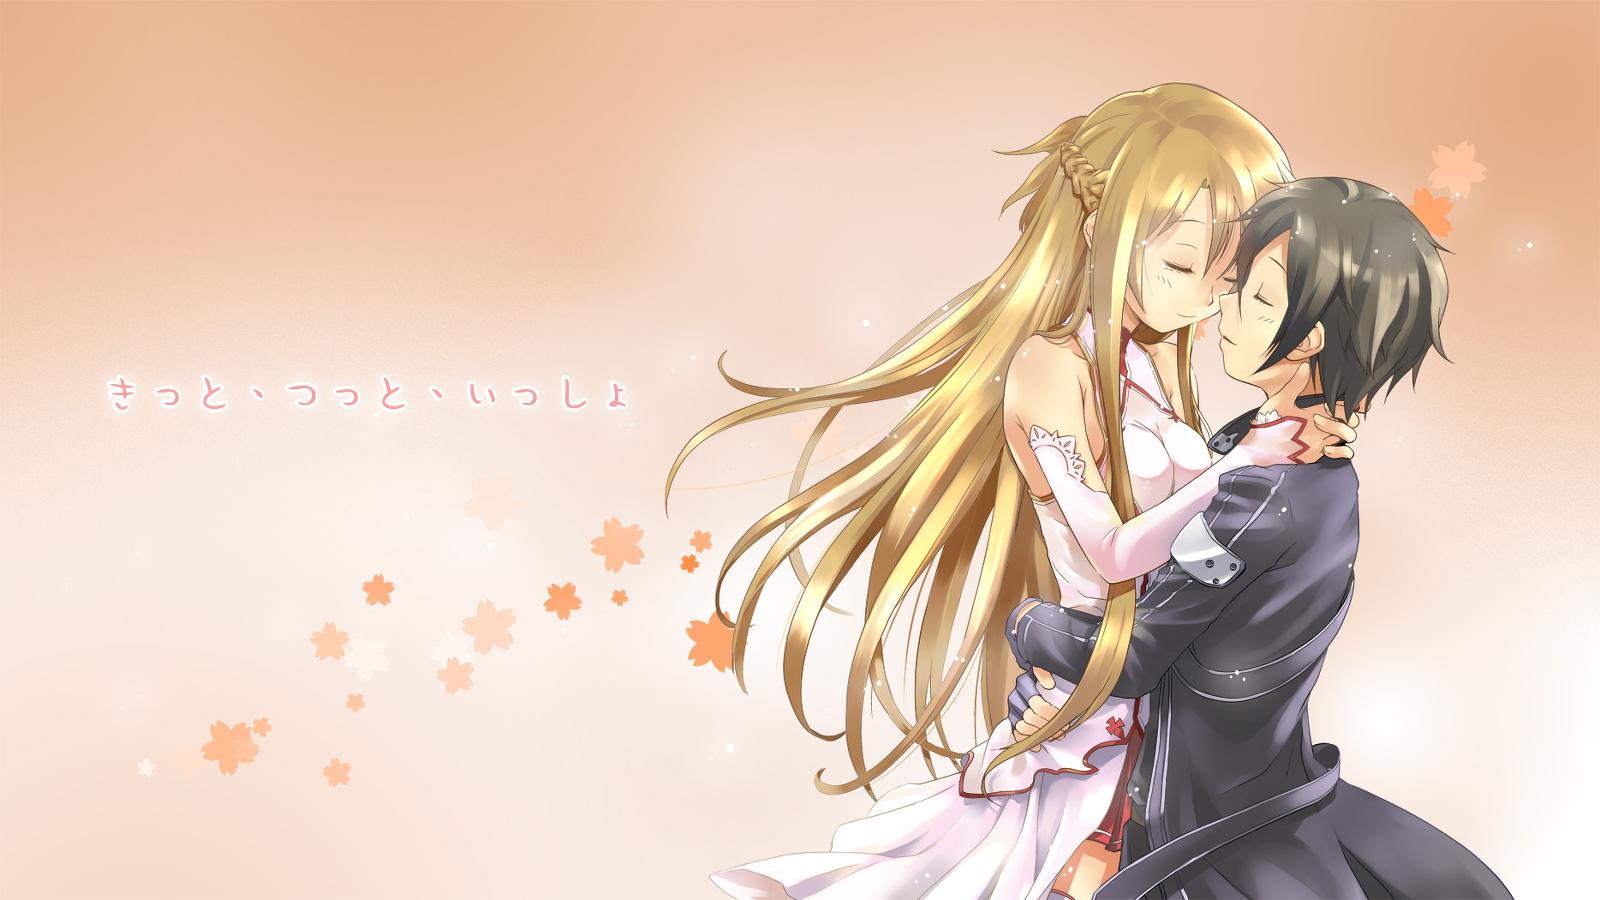 sword art online wallpaper #1242464 - zerochan anime image board